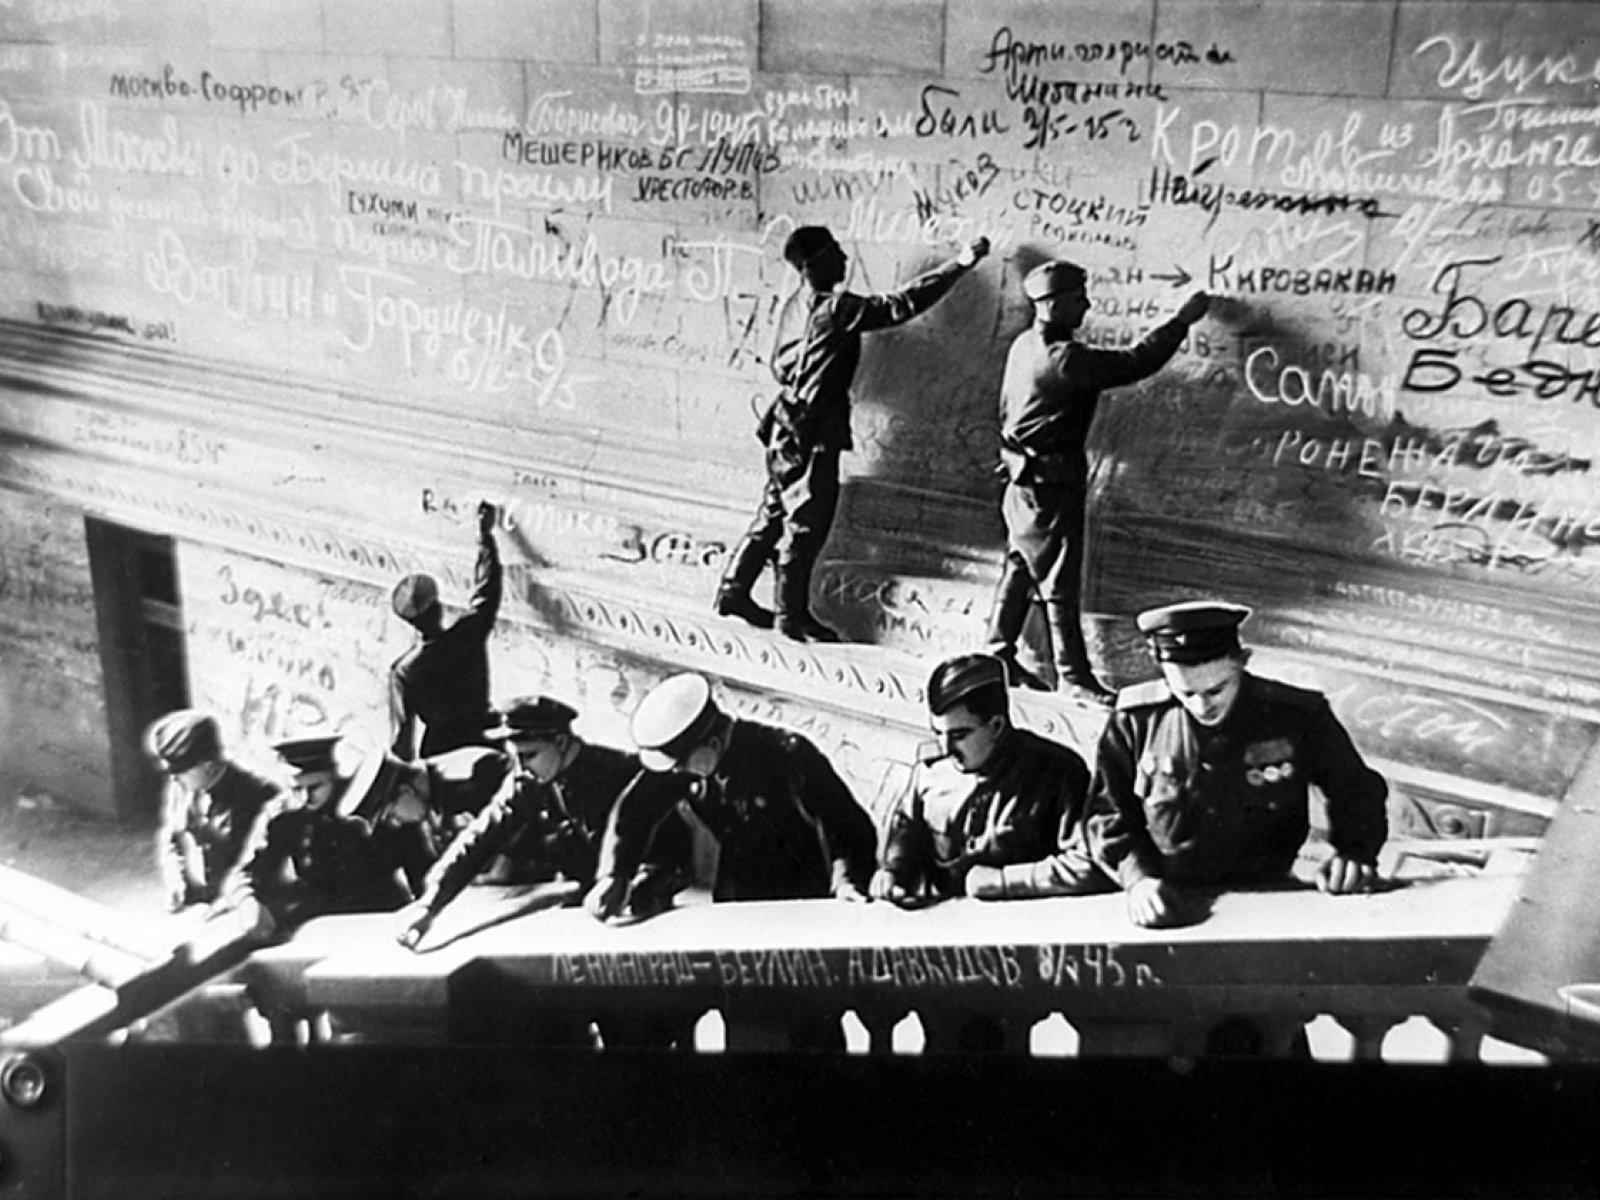 Автографы на берлинской стене фото